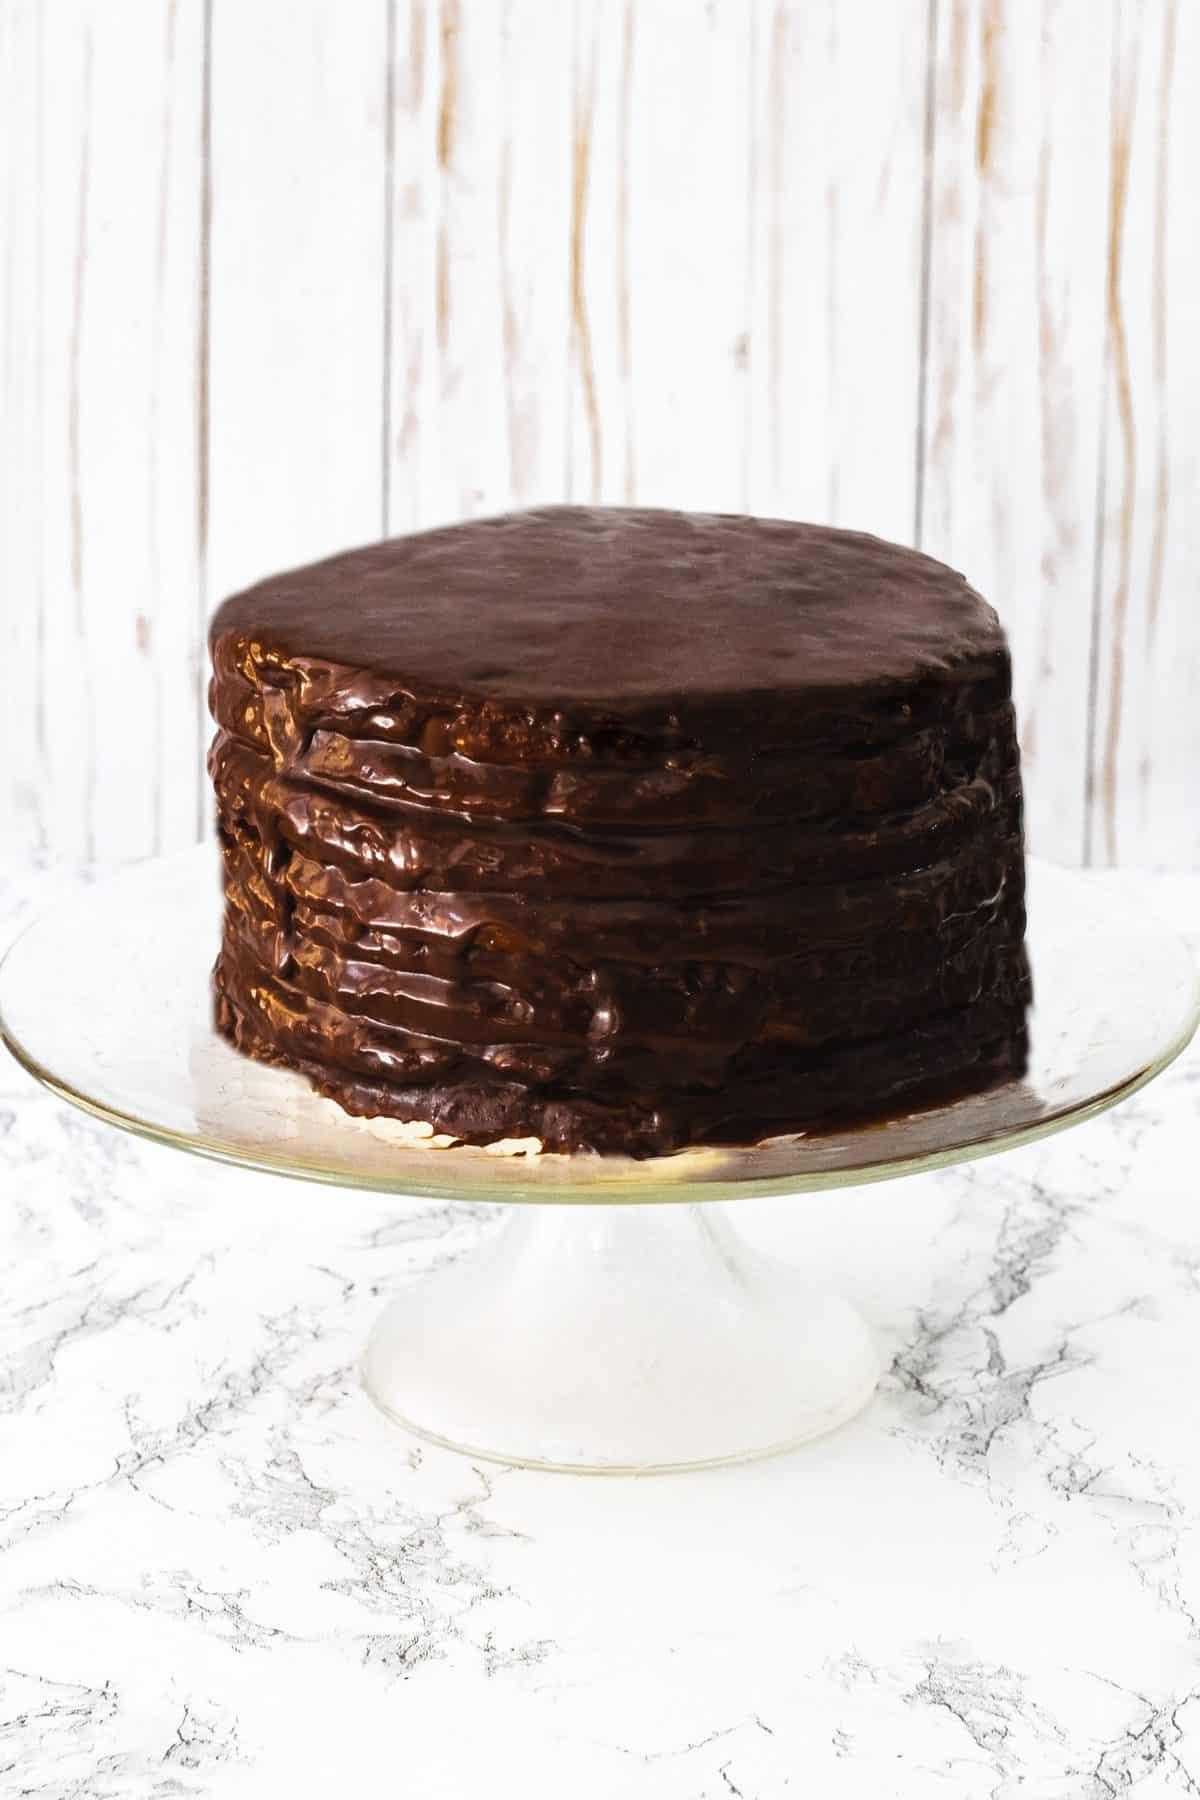 Whole Smith Island Cake on a cake stand.